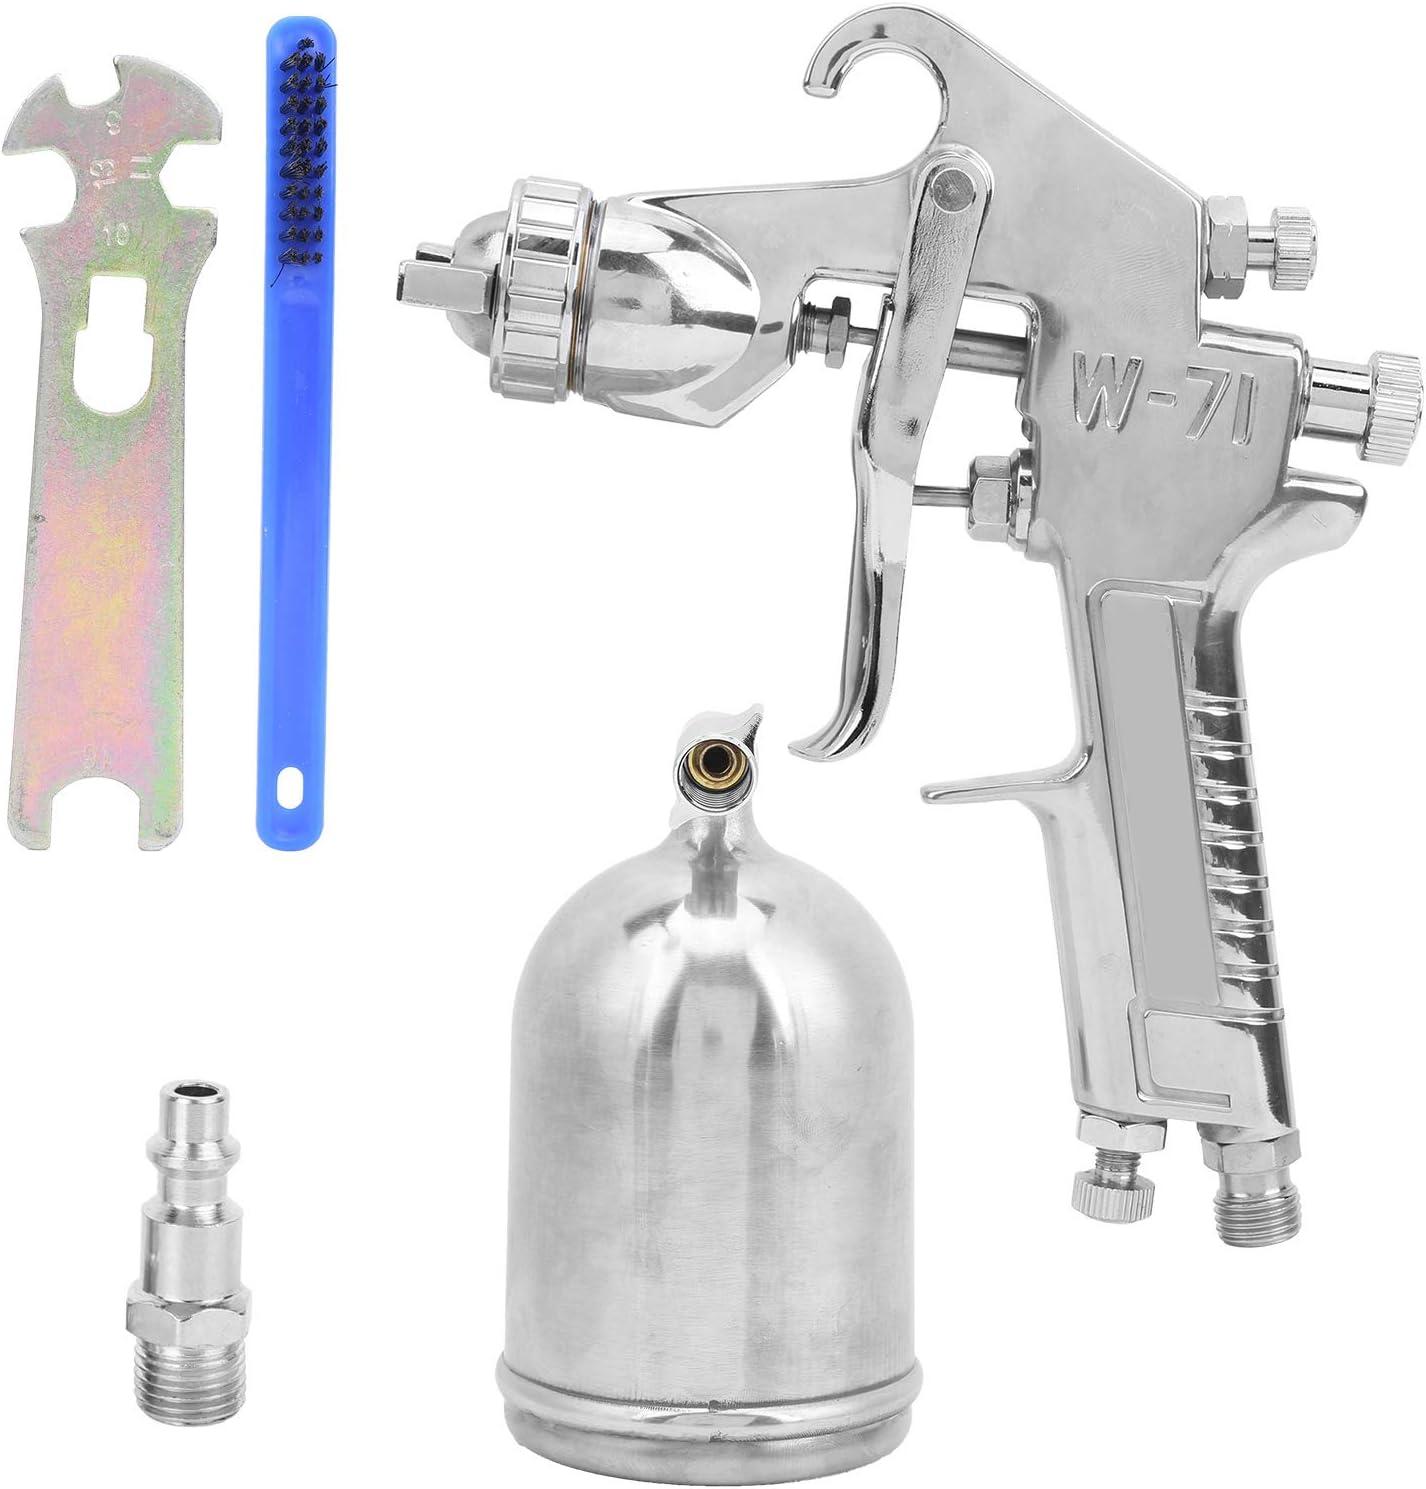 Pistola pulverizadora de pintura, pistola pulverizadora de recipiente superior, pintura de alimentación por gravedad de recipiente superior, herrajes de punta de flui(C)